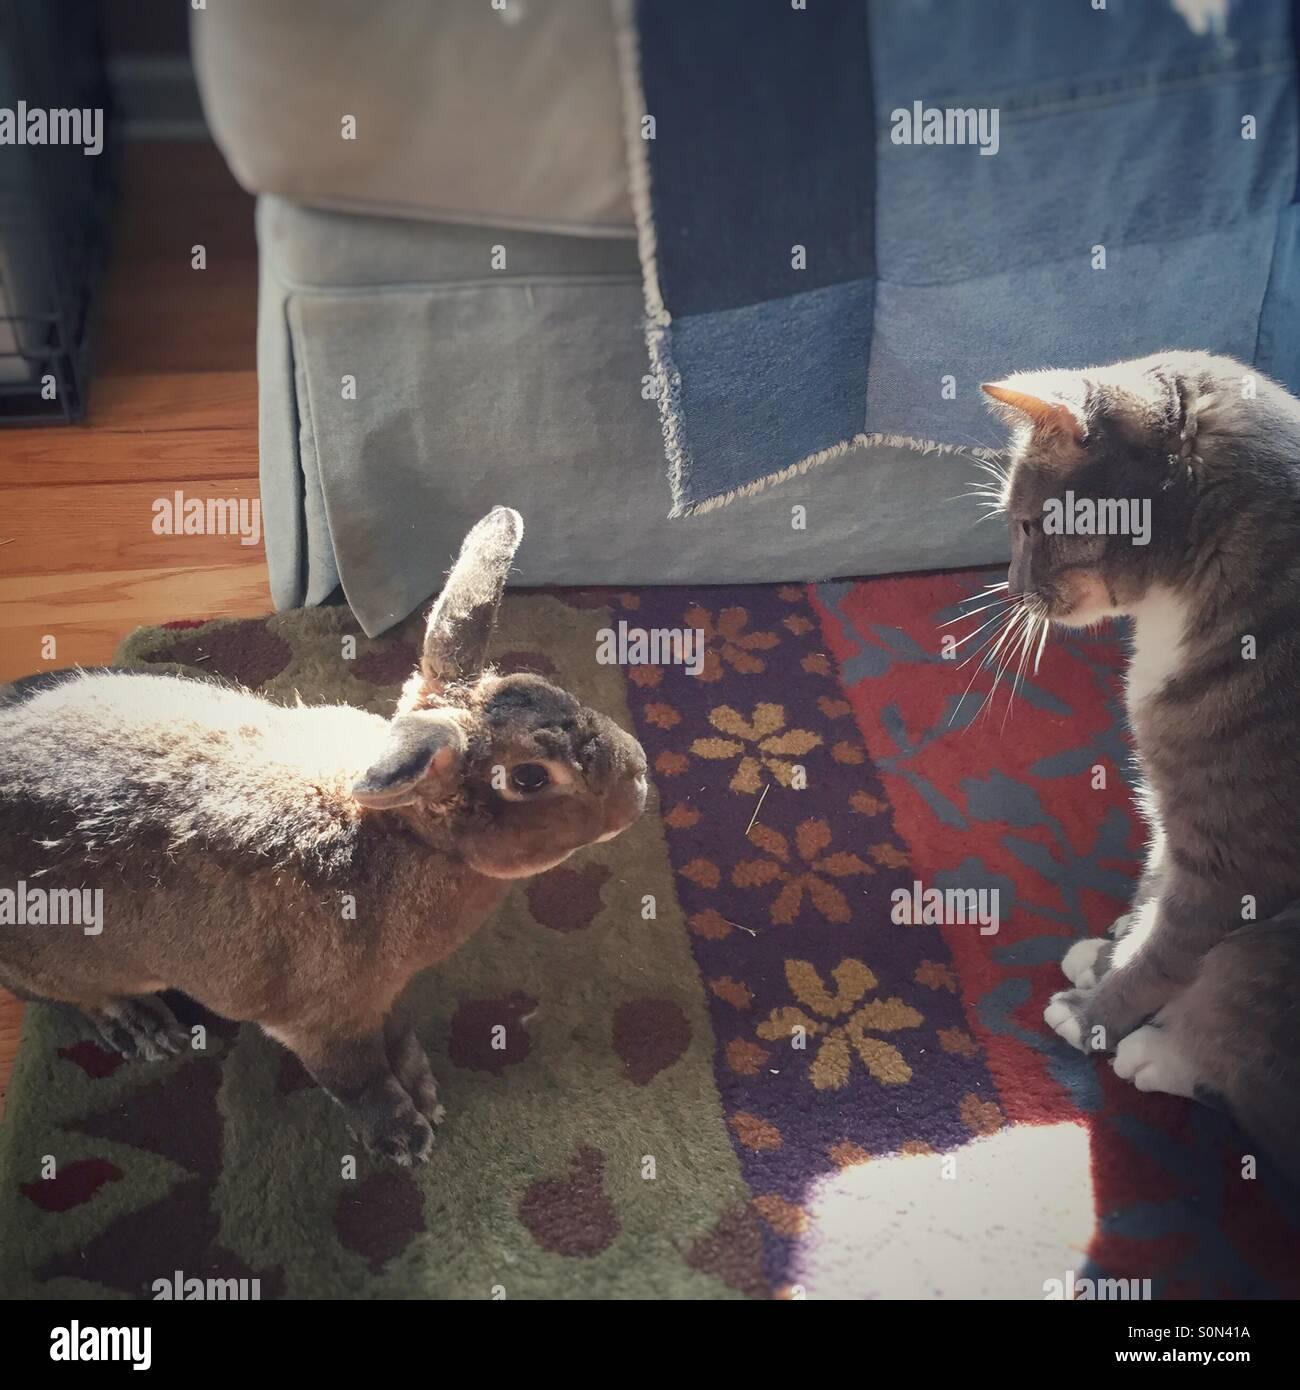 Bunny cautelosamente enfoques cat. Imagen De Stock